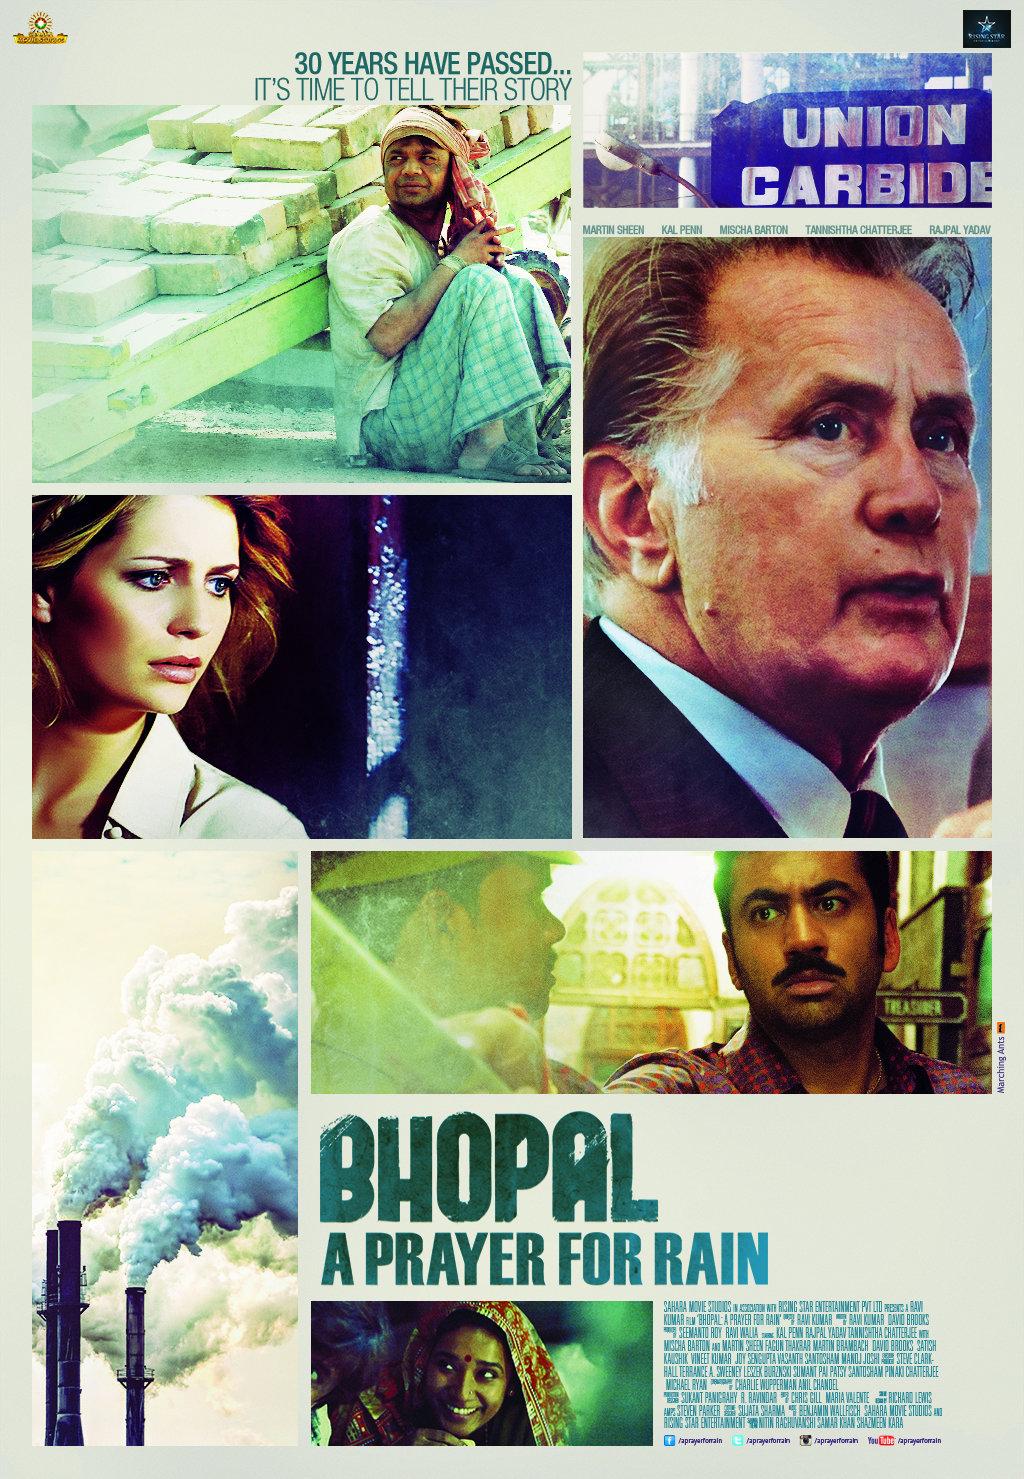 Bhopal A Prayer For Rain 2014 Hindi Dubbed